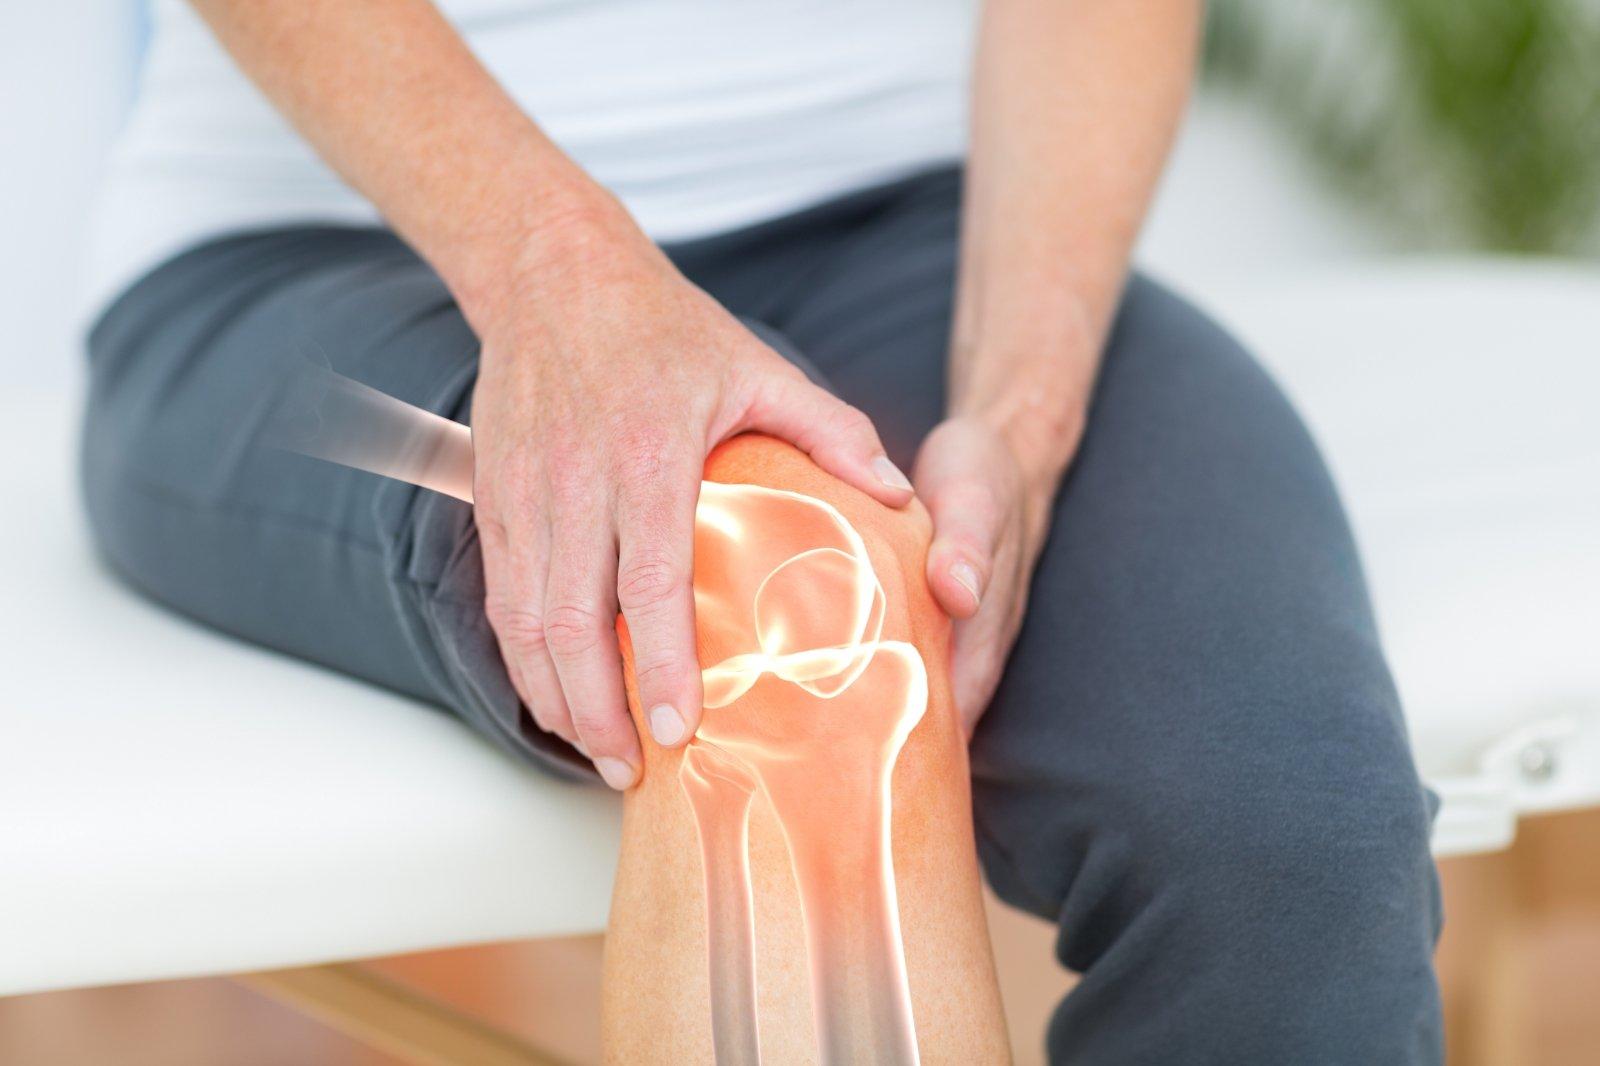 sąnariai sąnarių receptas atsiliepimus intervertebrinė osteochondrozė kas tai